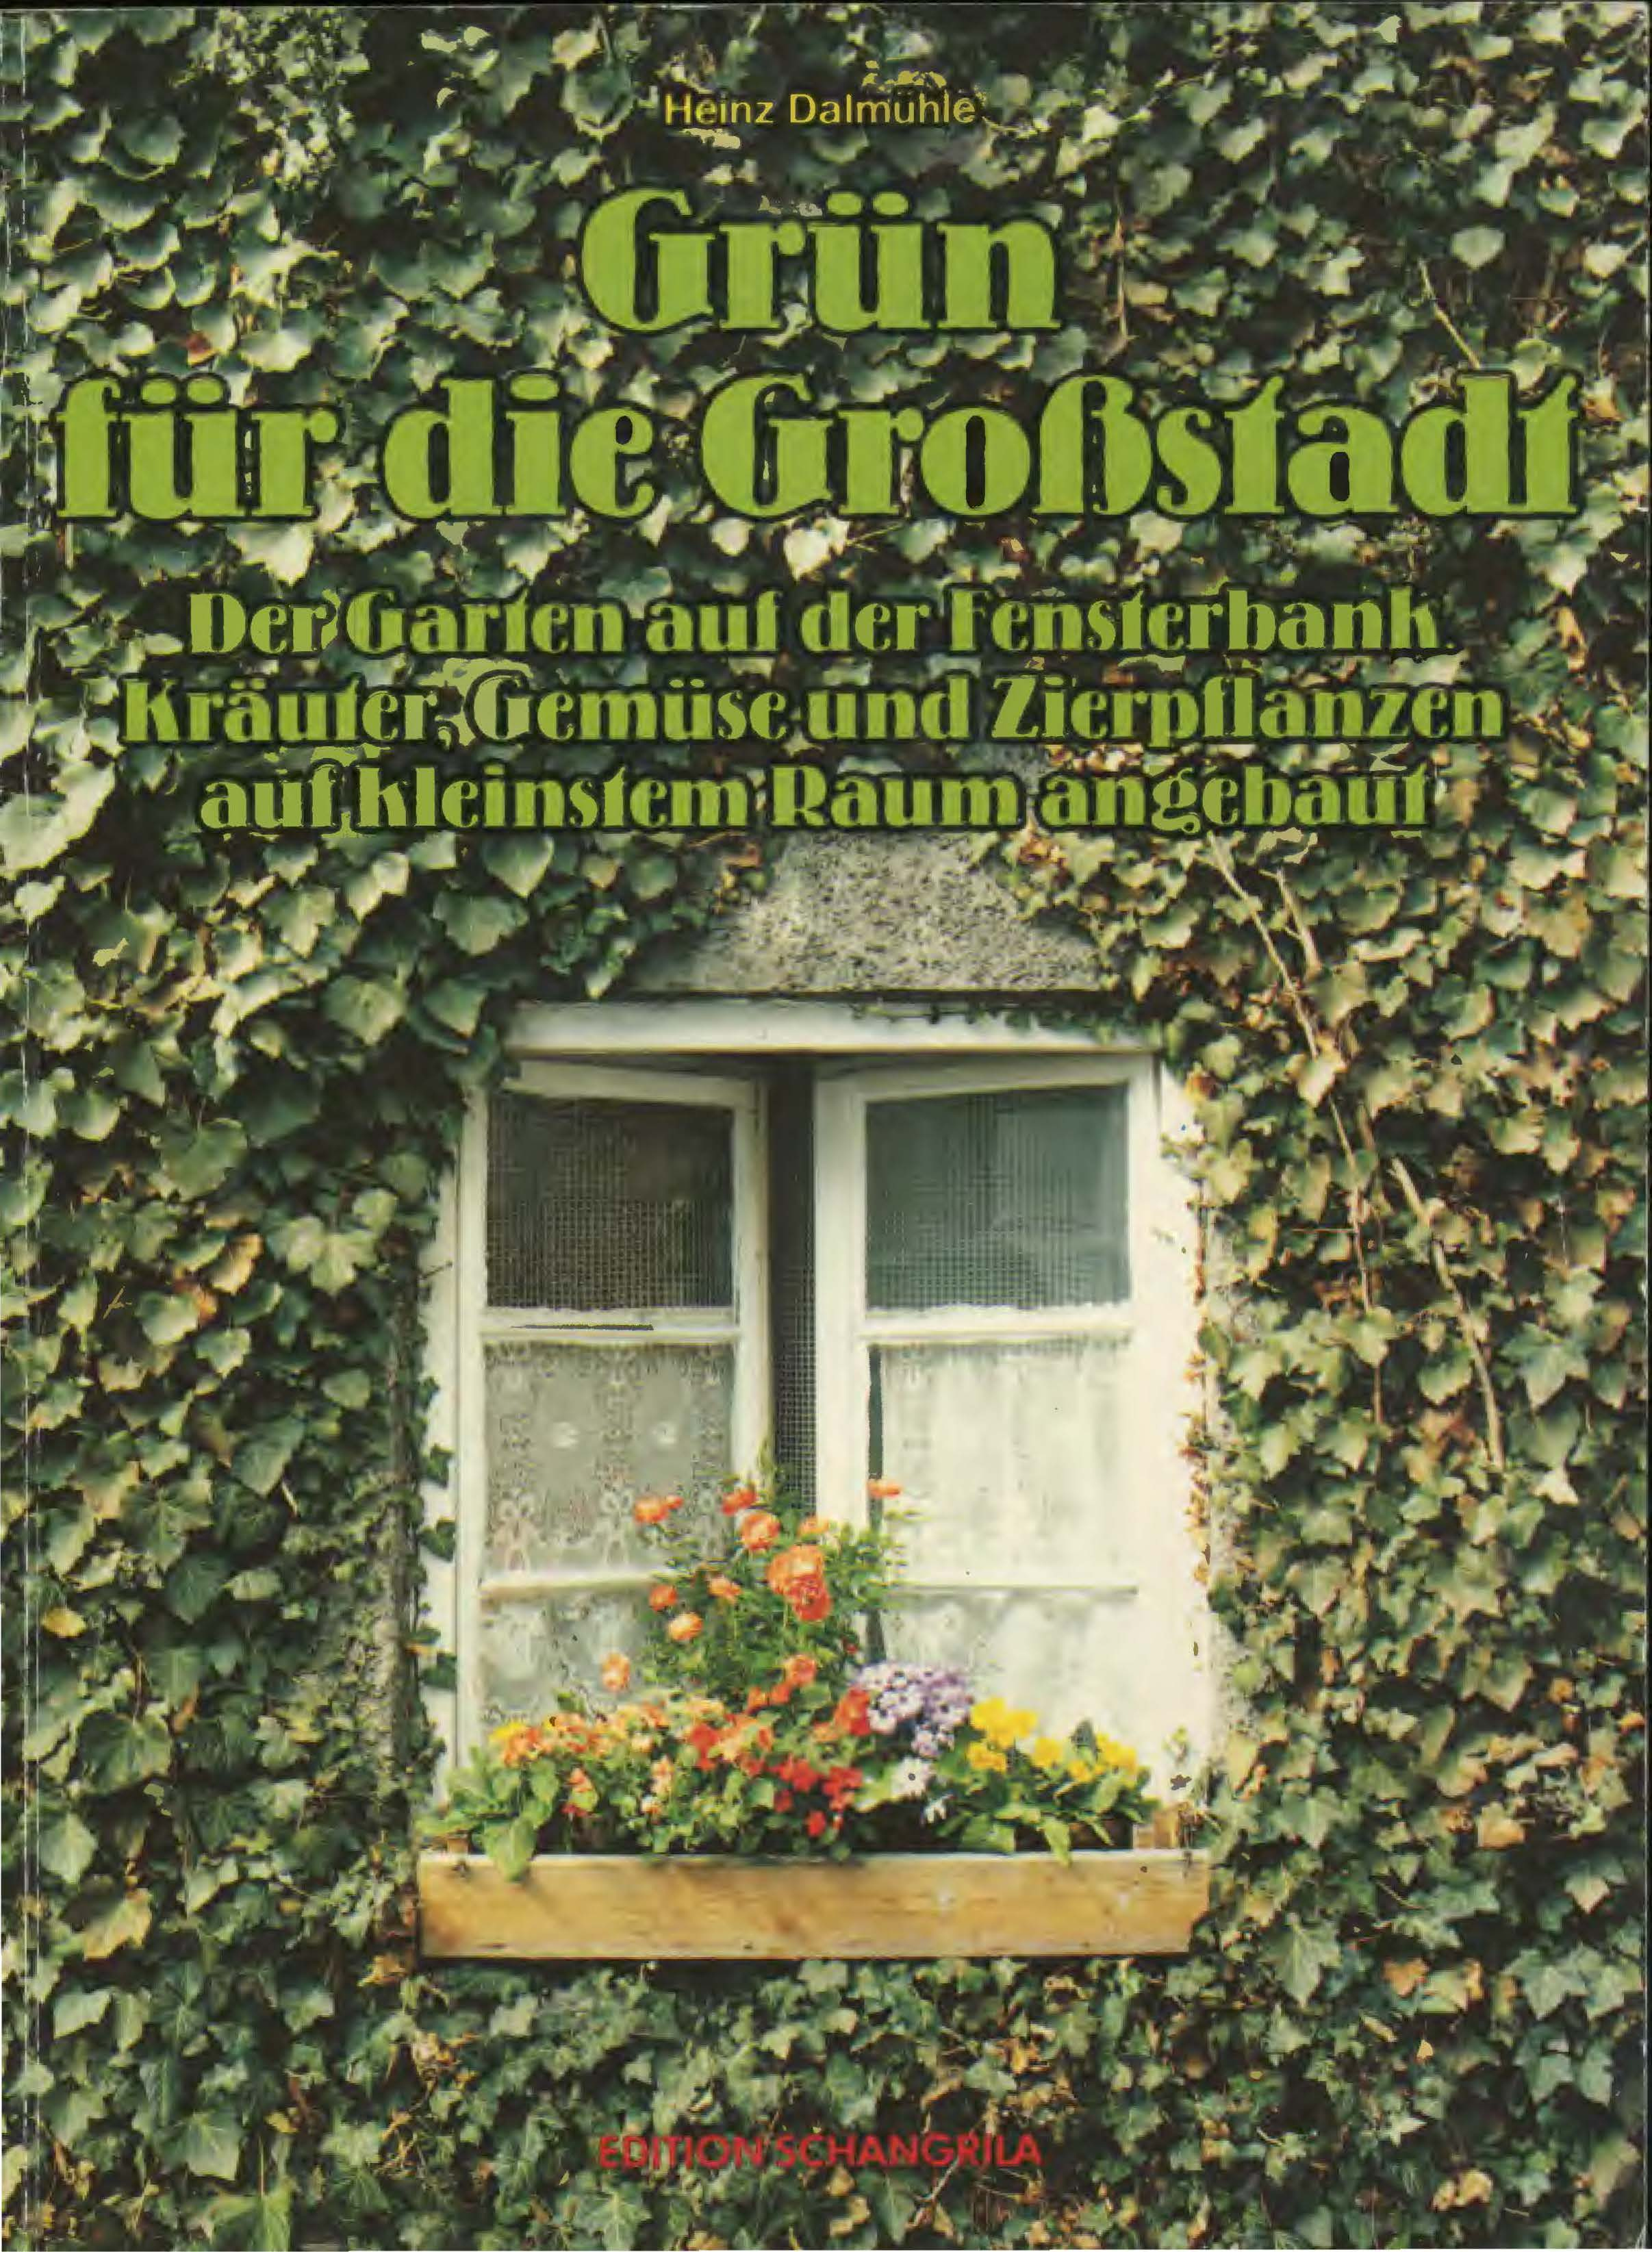 grün für die Grossstadt Heinz dalmühle_Seite_1